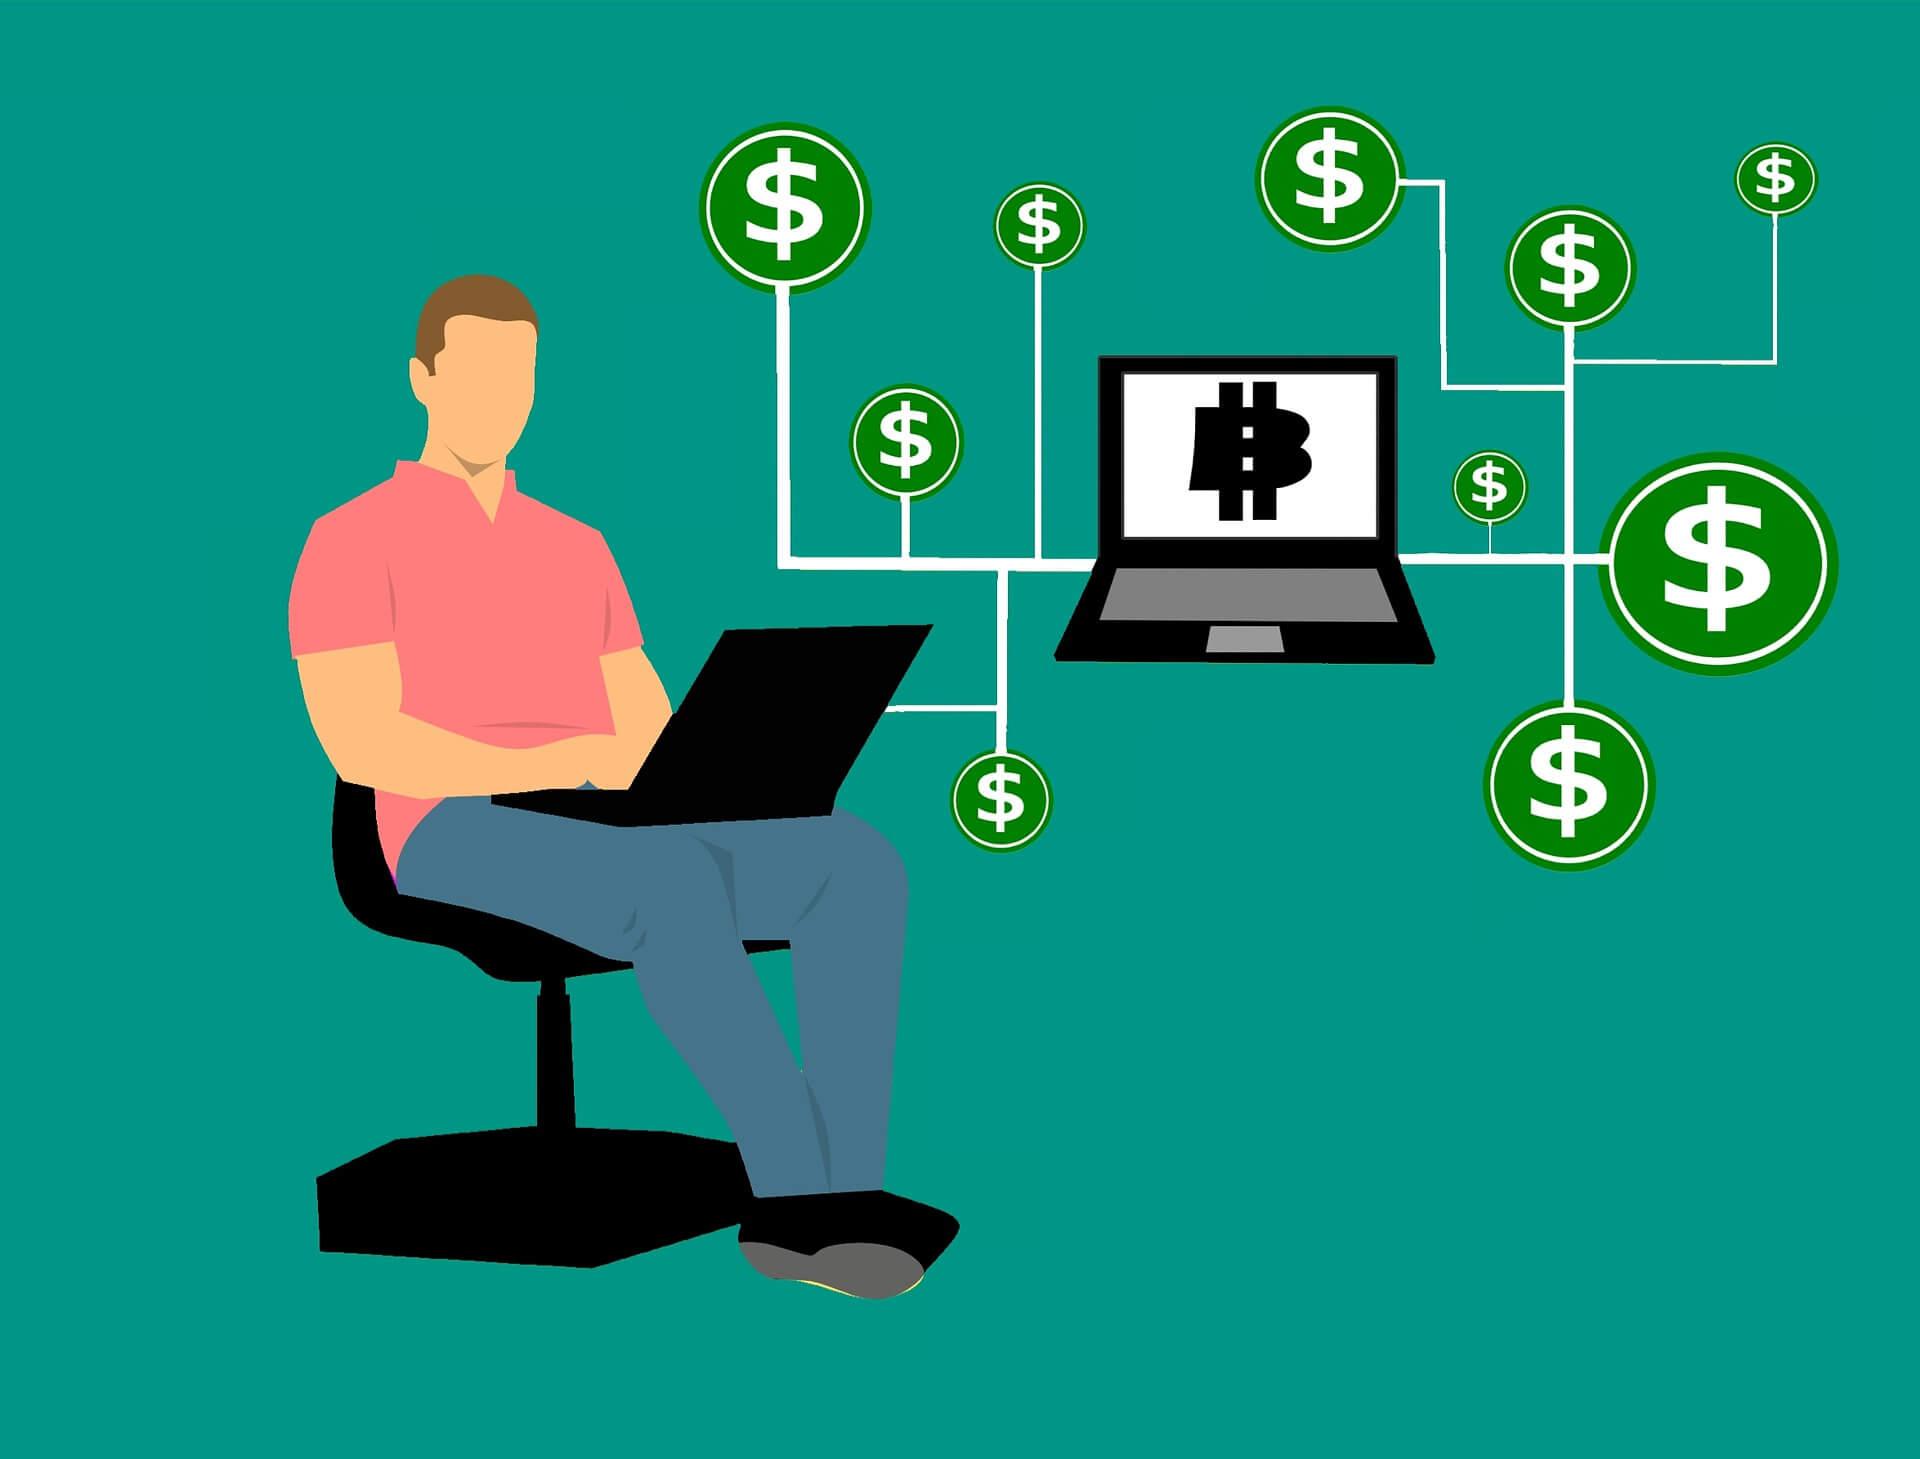 Bitcoin - How Bitcoin Work